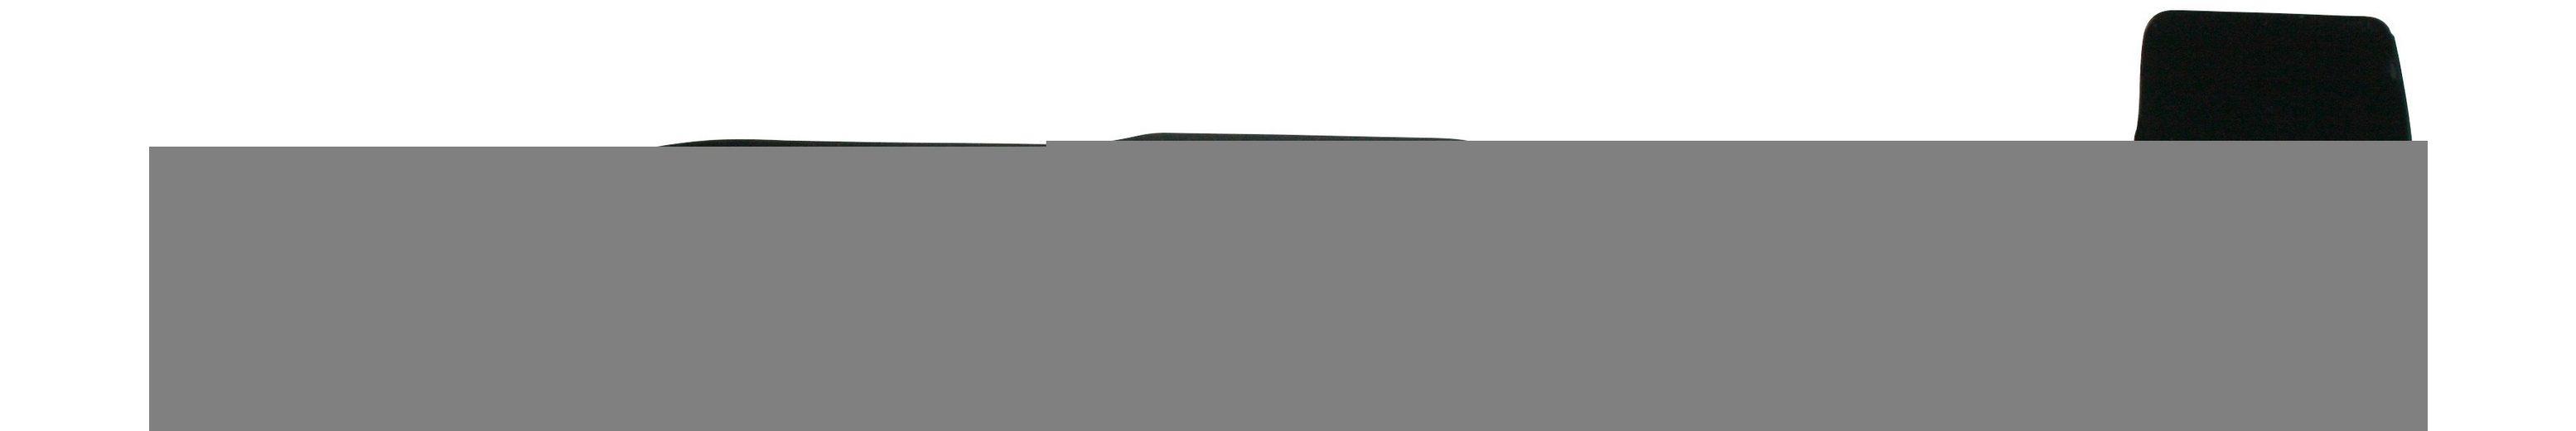 Ersatzmesser für Elektrorasenmäher »ERM 1844-2«